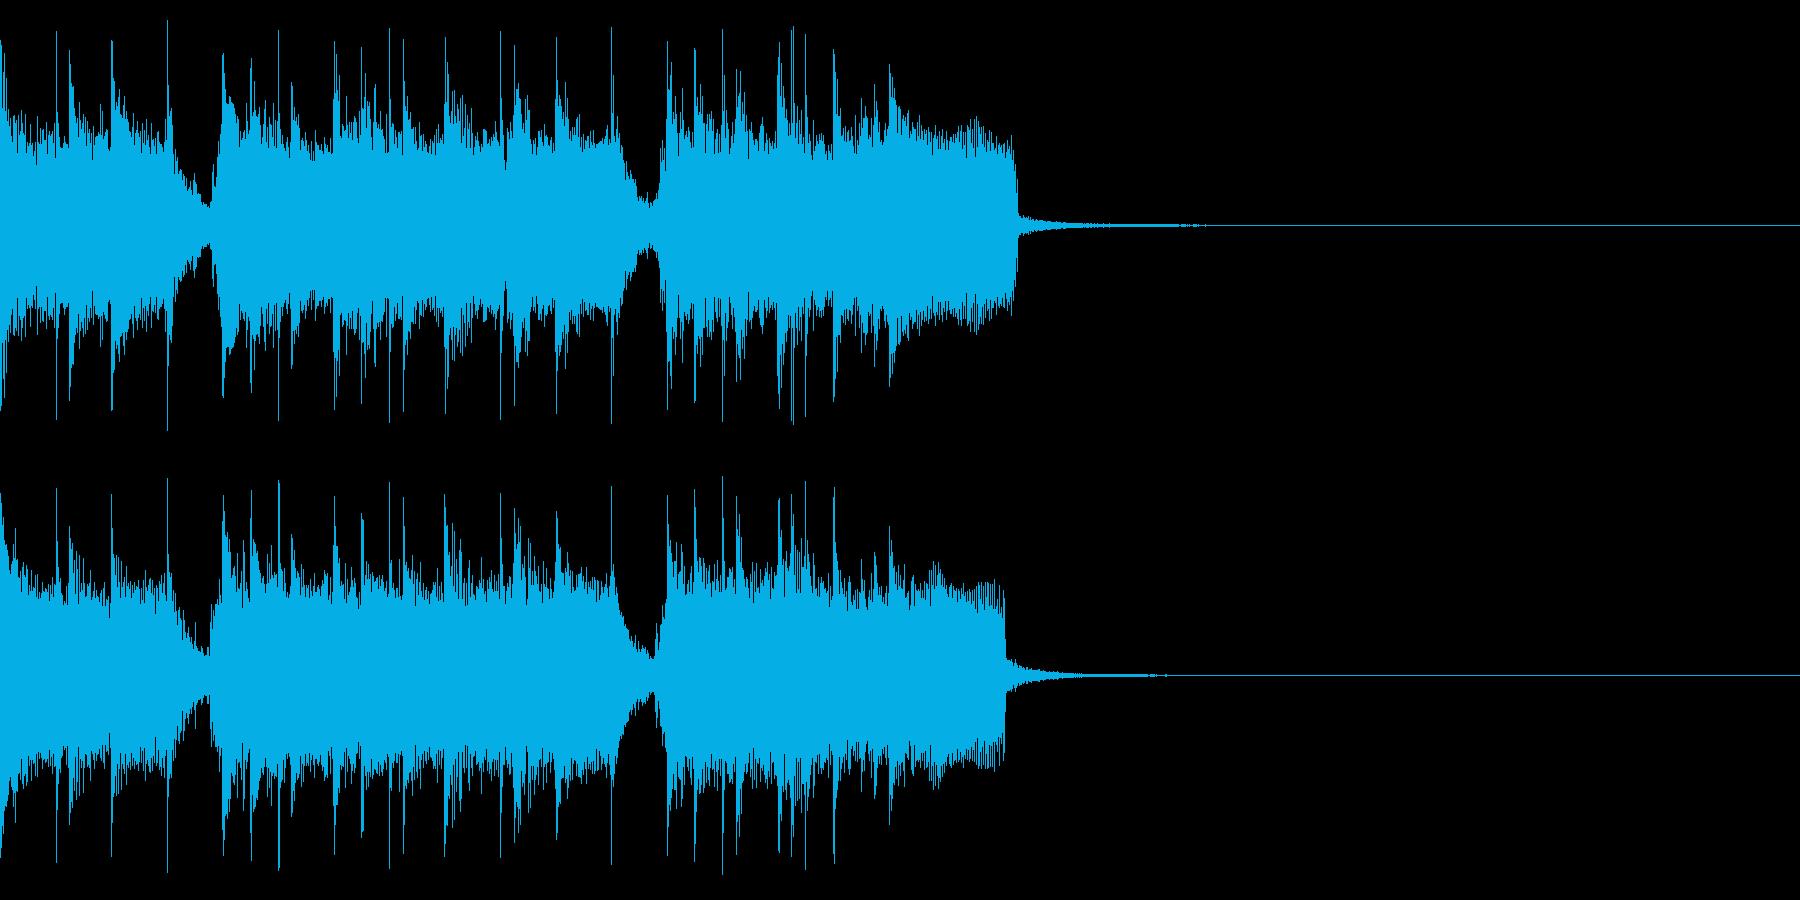 エンディングなどにロックなギタージングルの再生済みの波形